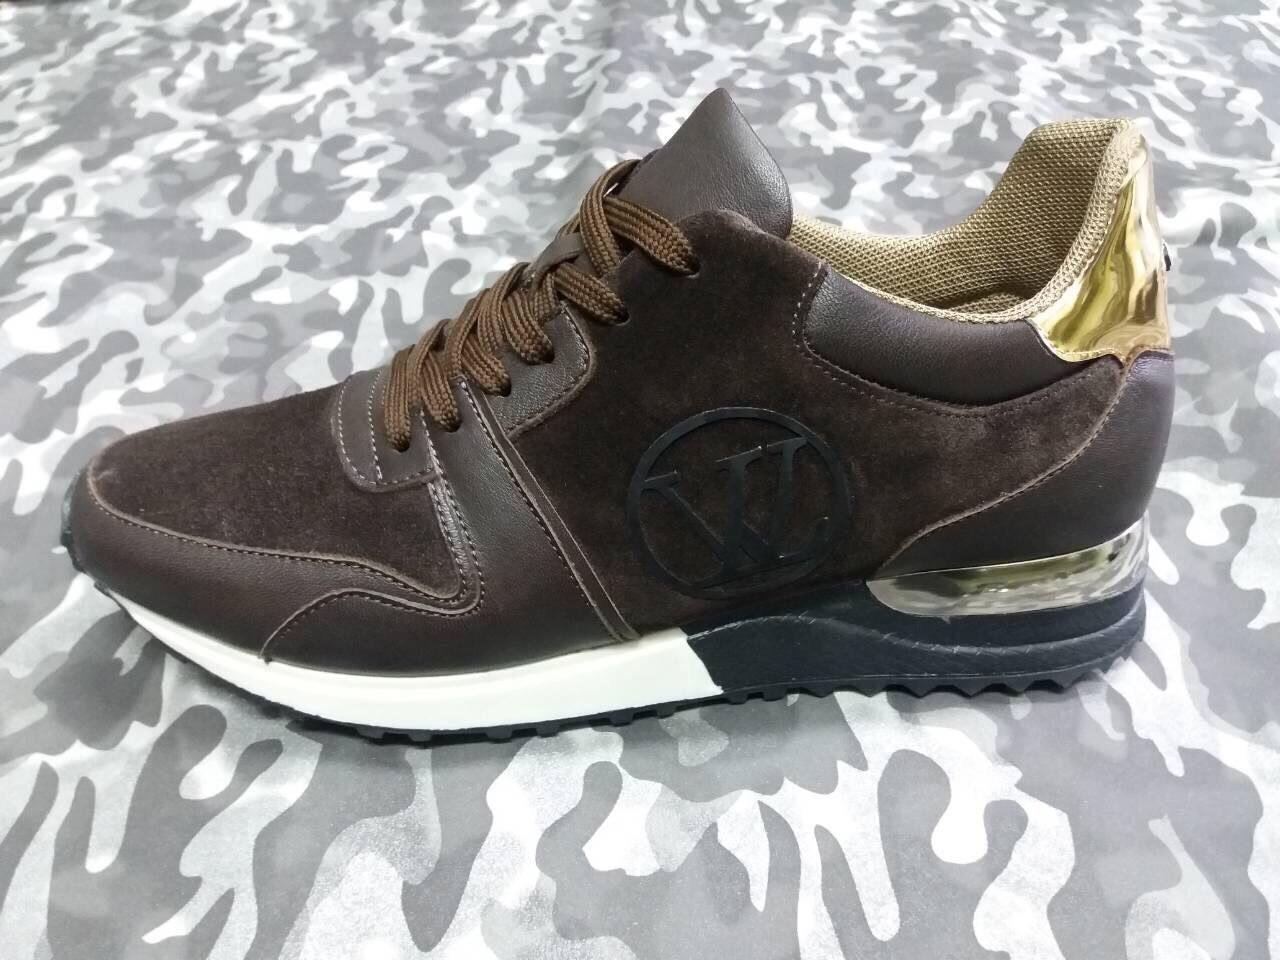 ae7fd35375d4 Кроссовки в стиле Louis Vuitton коричневые с золотом полностью натуральные  , копия